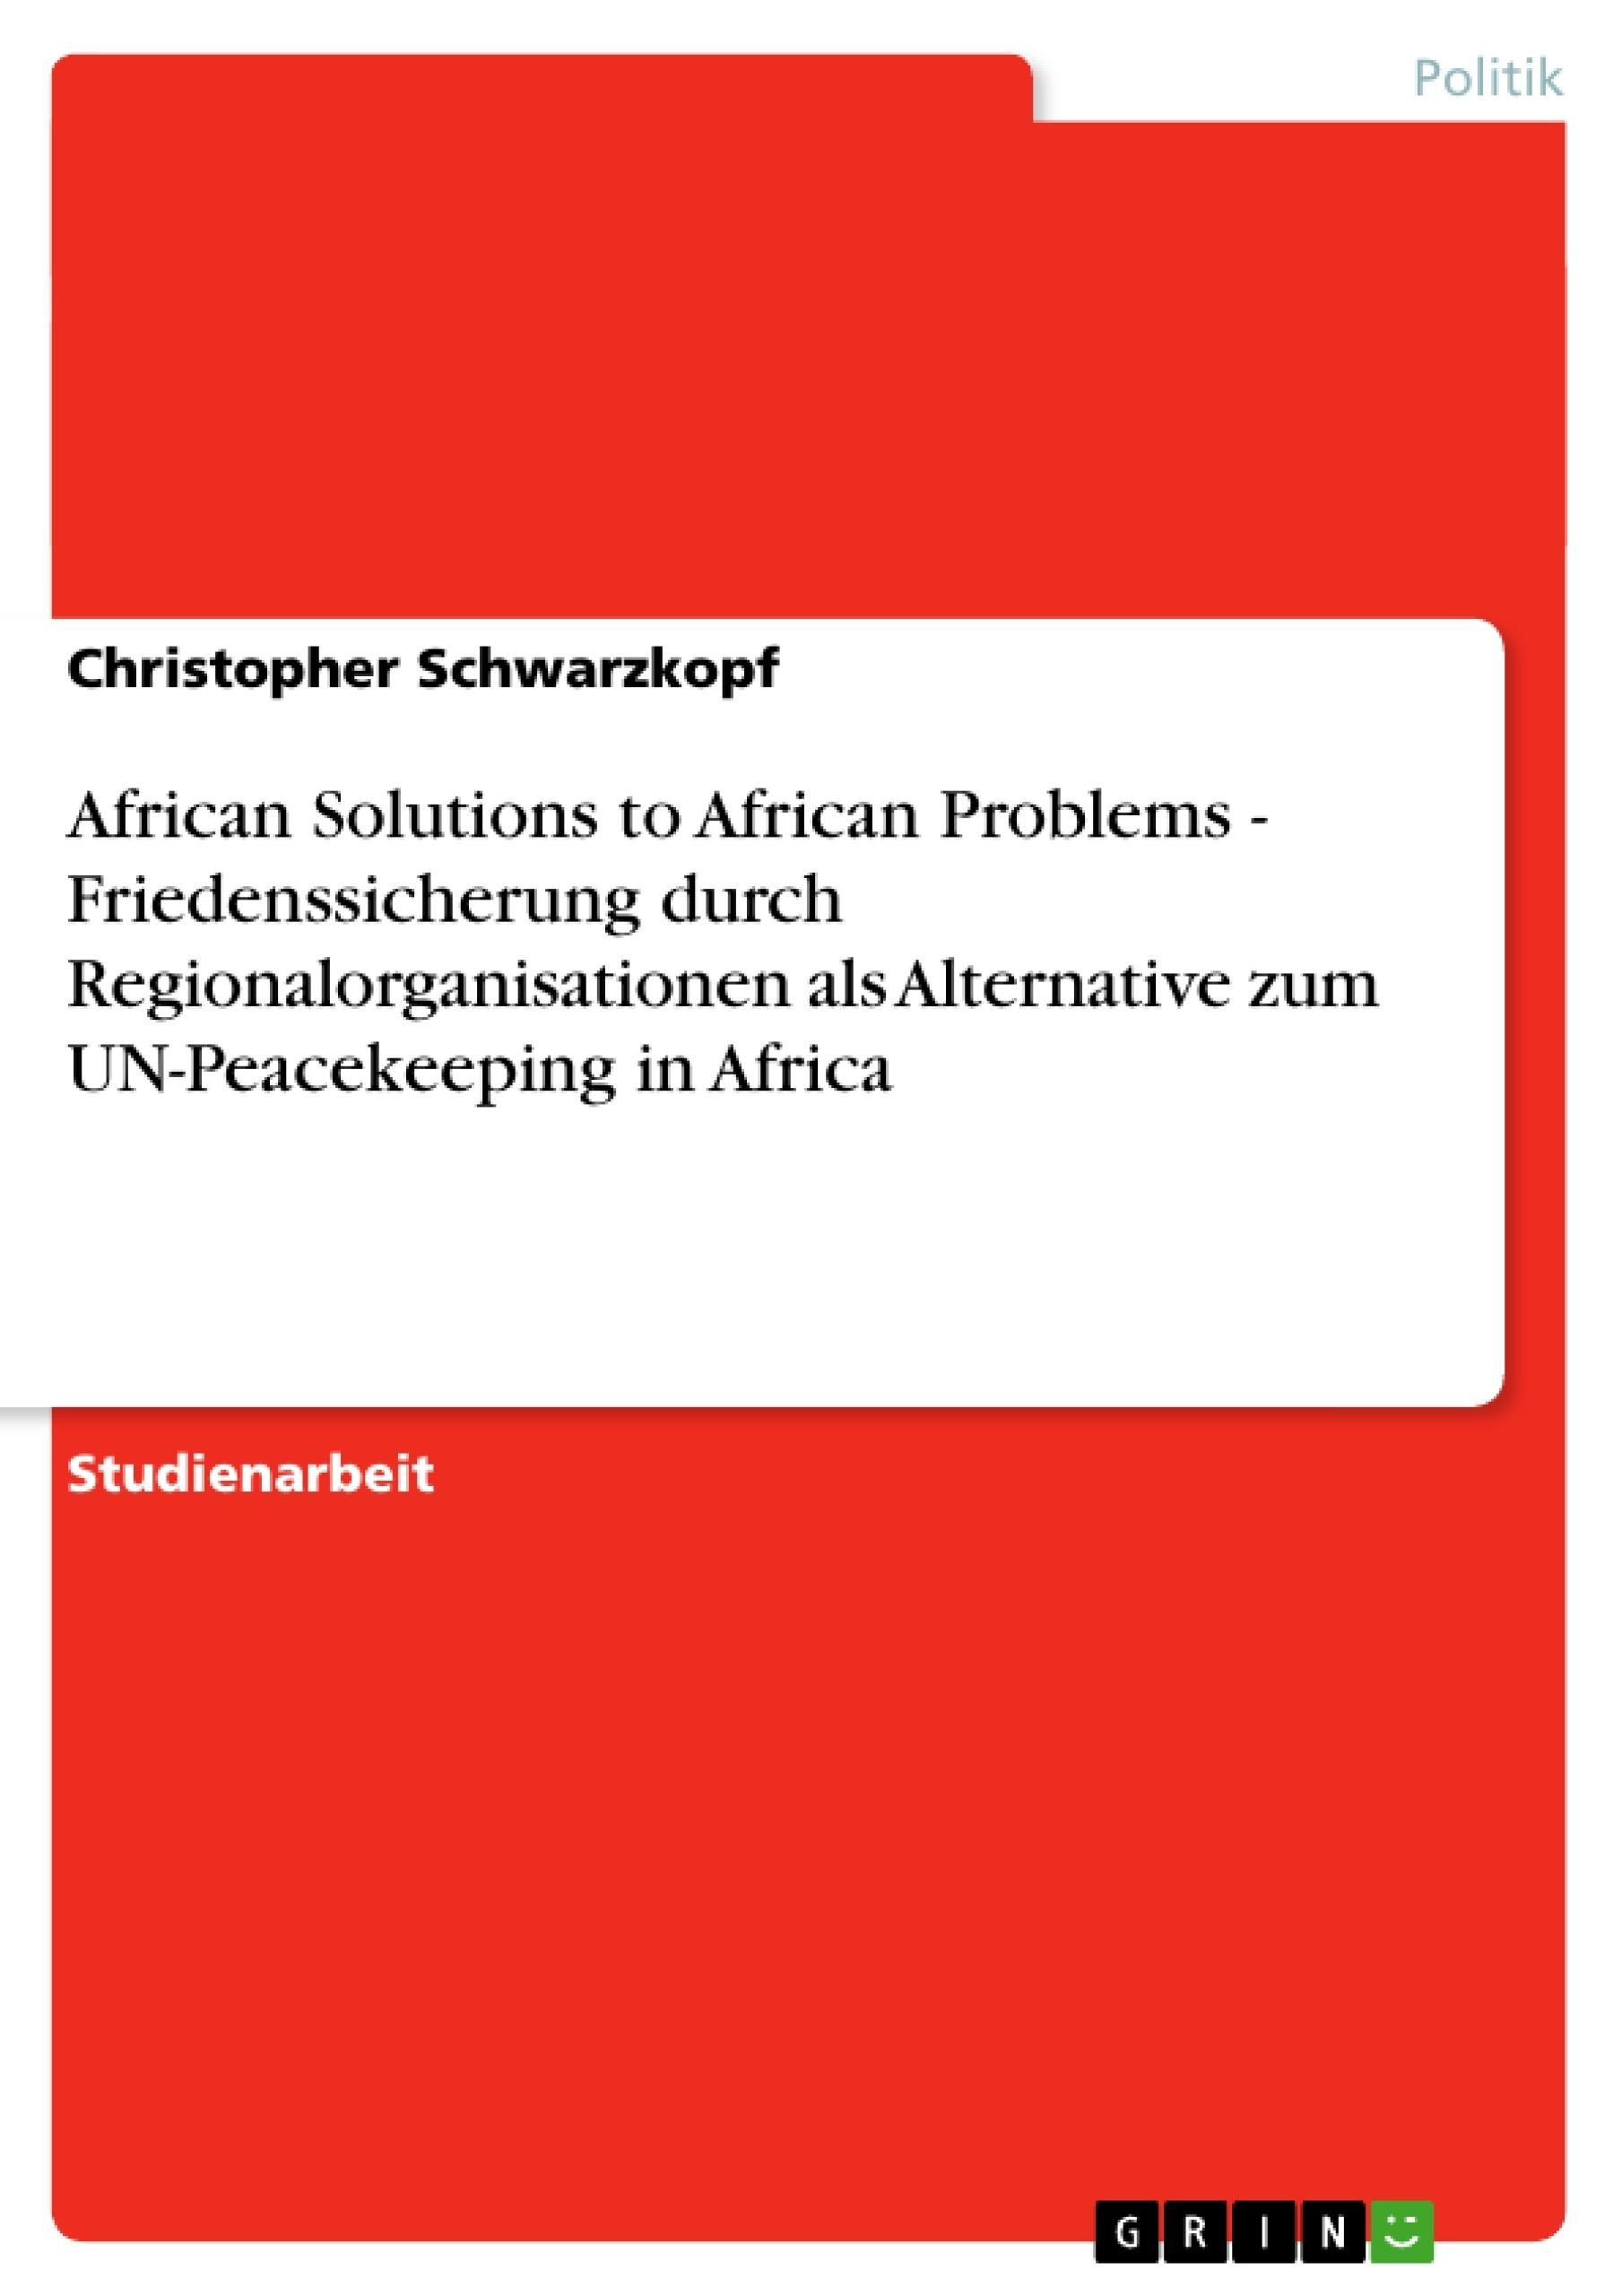 Titel: African Solutions to African Problems - Friedenssicherung durch Regionalorganisationen als Alternative zum UN-Peacekeeping in Africa